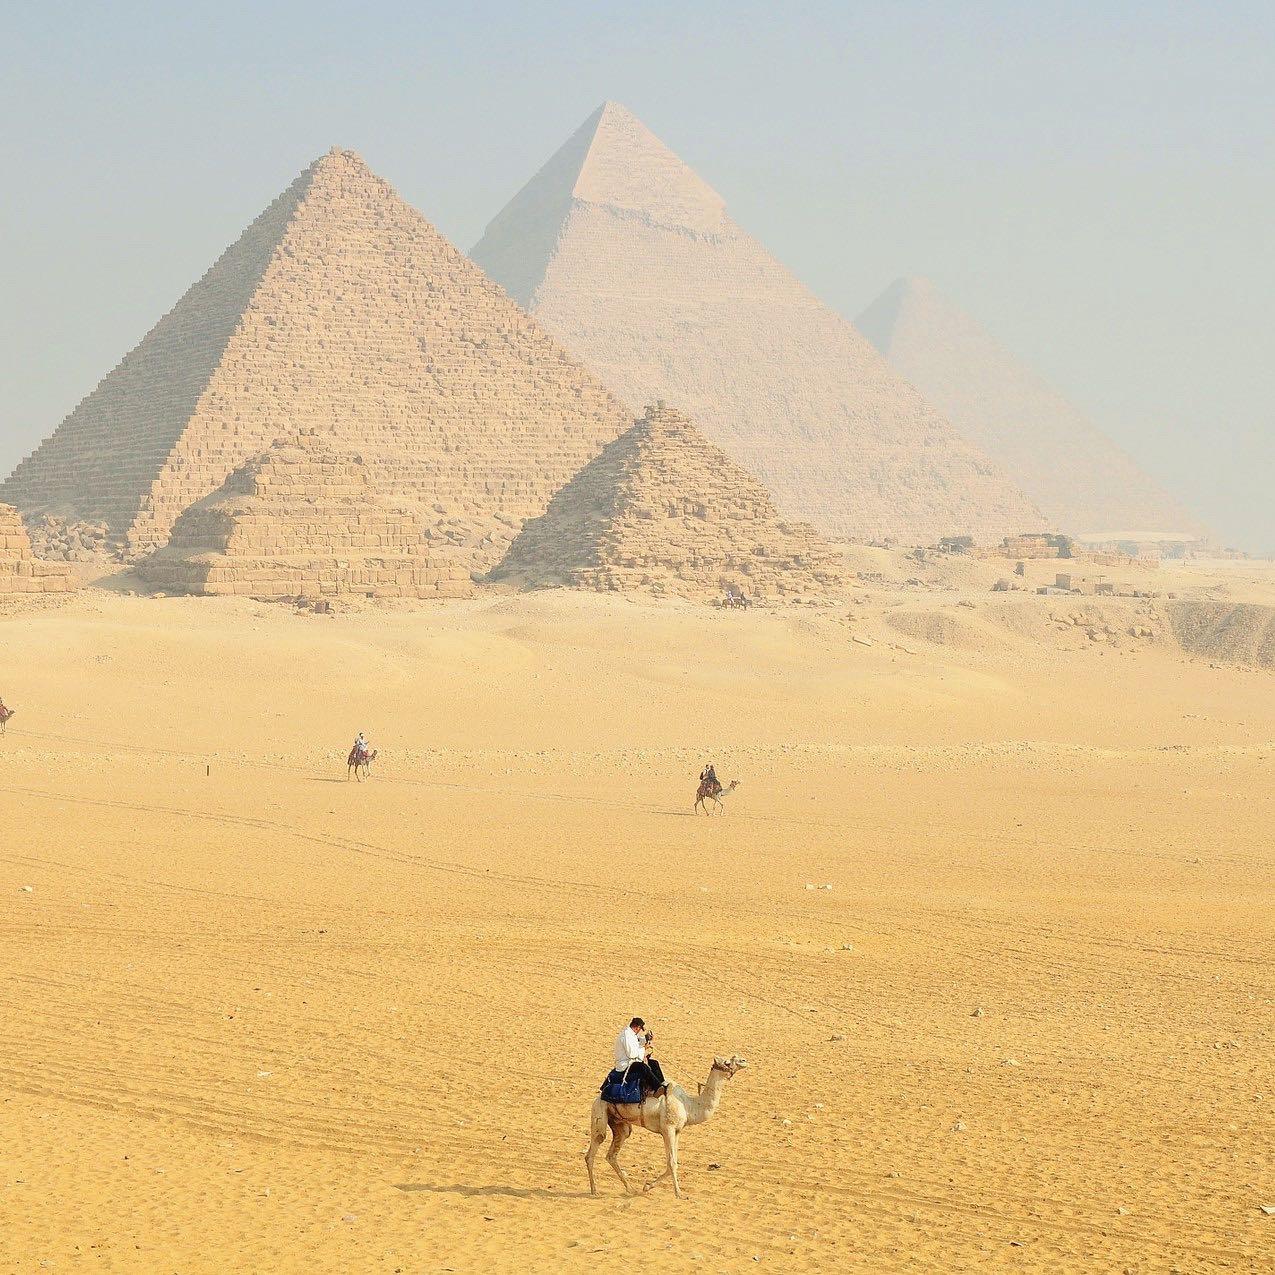 中東・アフリカに関連する記事についてるタグ